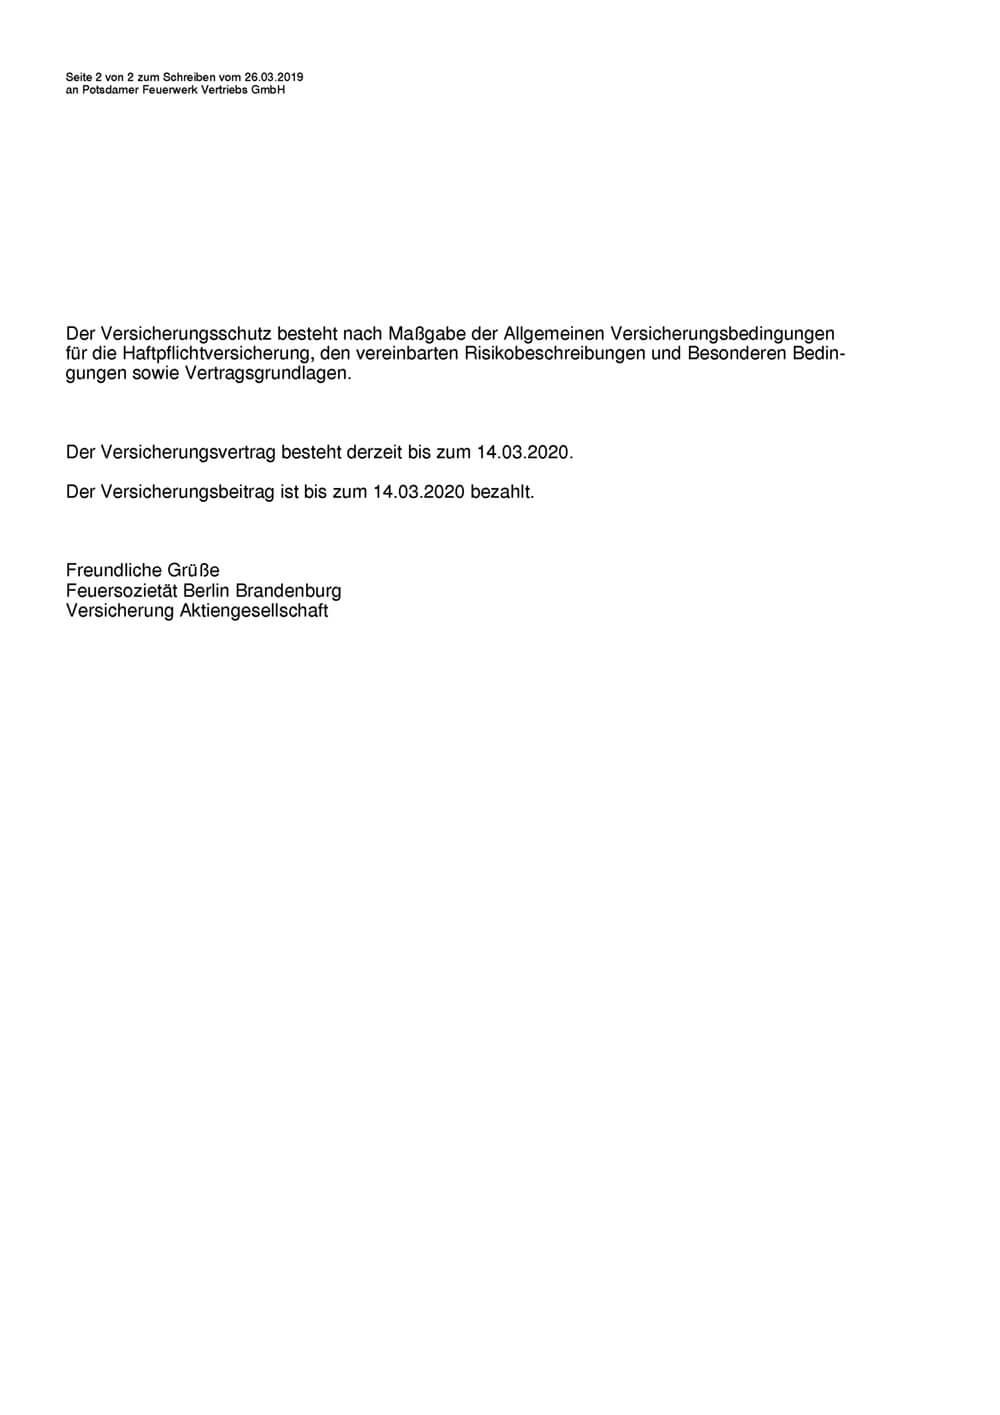 Schriftstück Nachweis über Versicherungsschutz Feuersozietät Seite 2